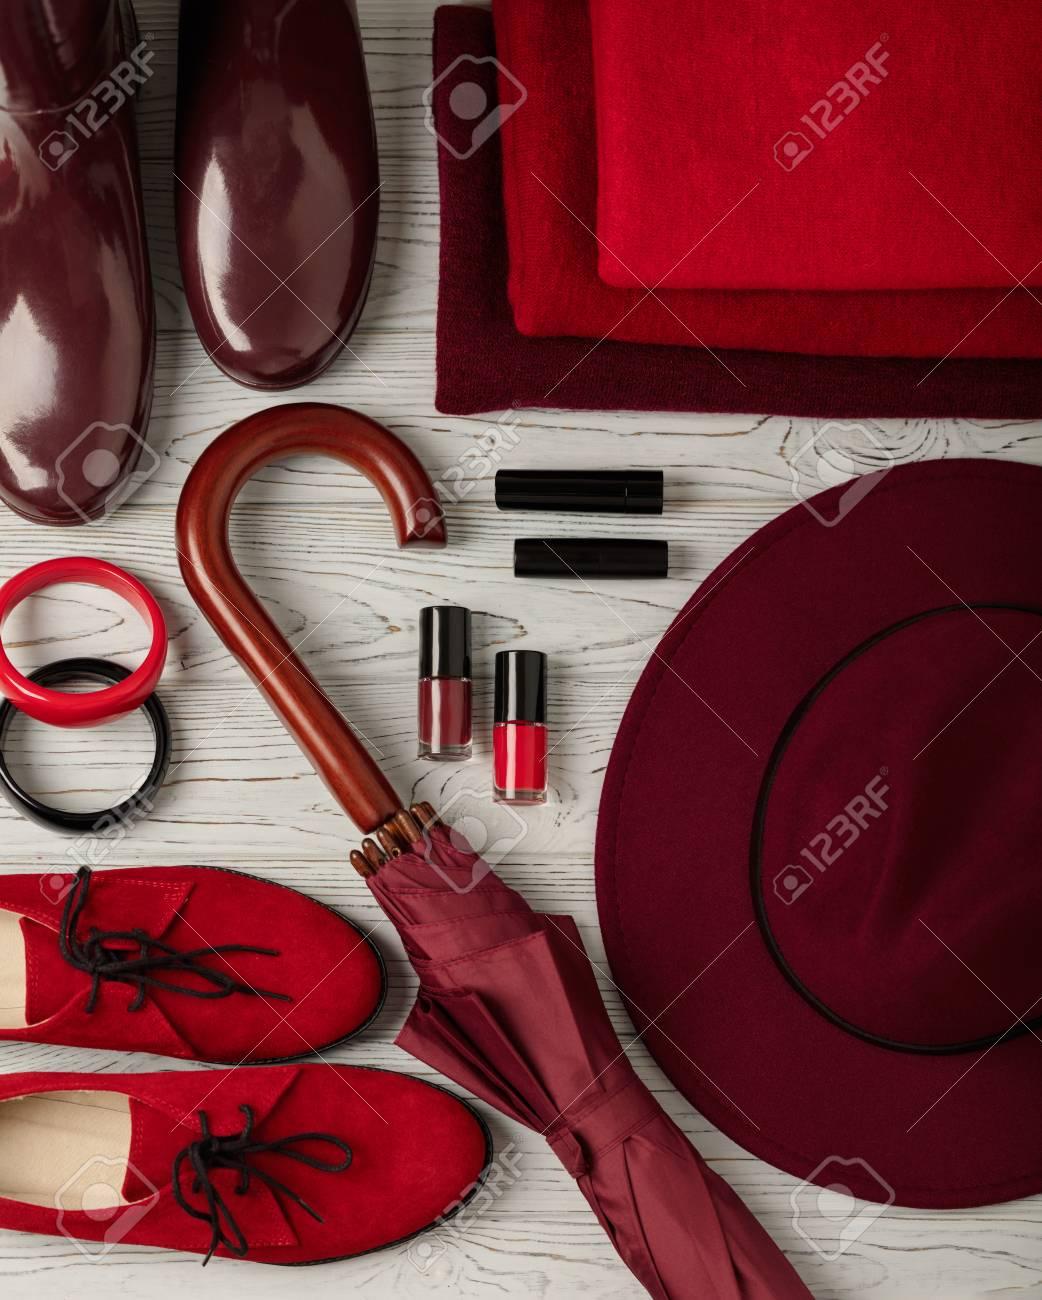 Tendenza moda autunno inverno. Abbigliamento, scarpe e accessori di diverse tonalità di rosso e cremisi. Messa a fuoco selettiva